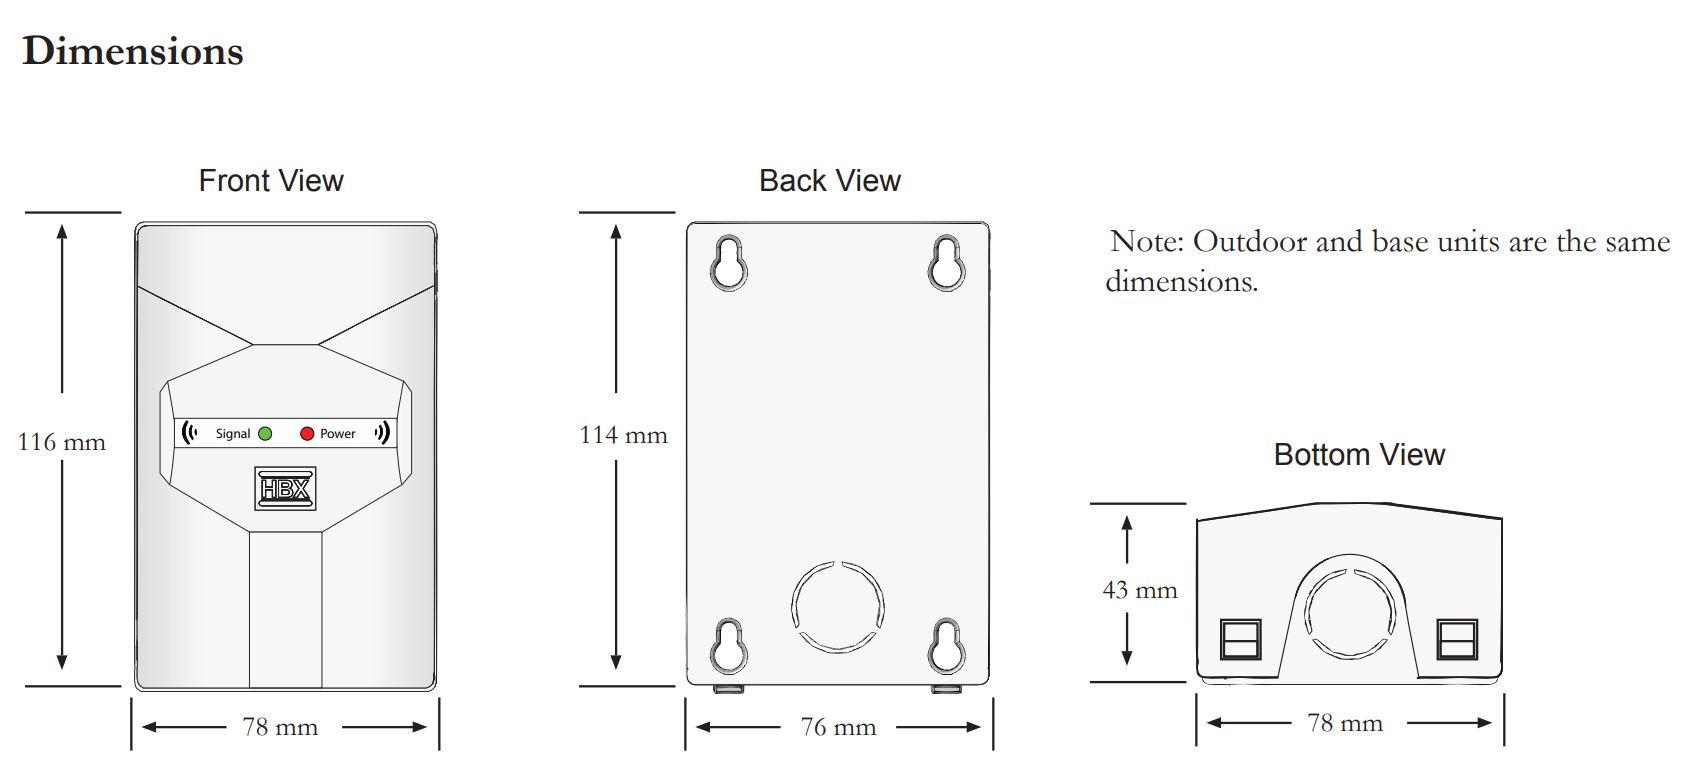 HBX WAV-0110 Dimensions